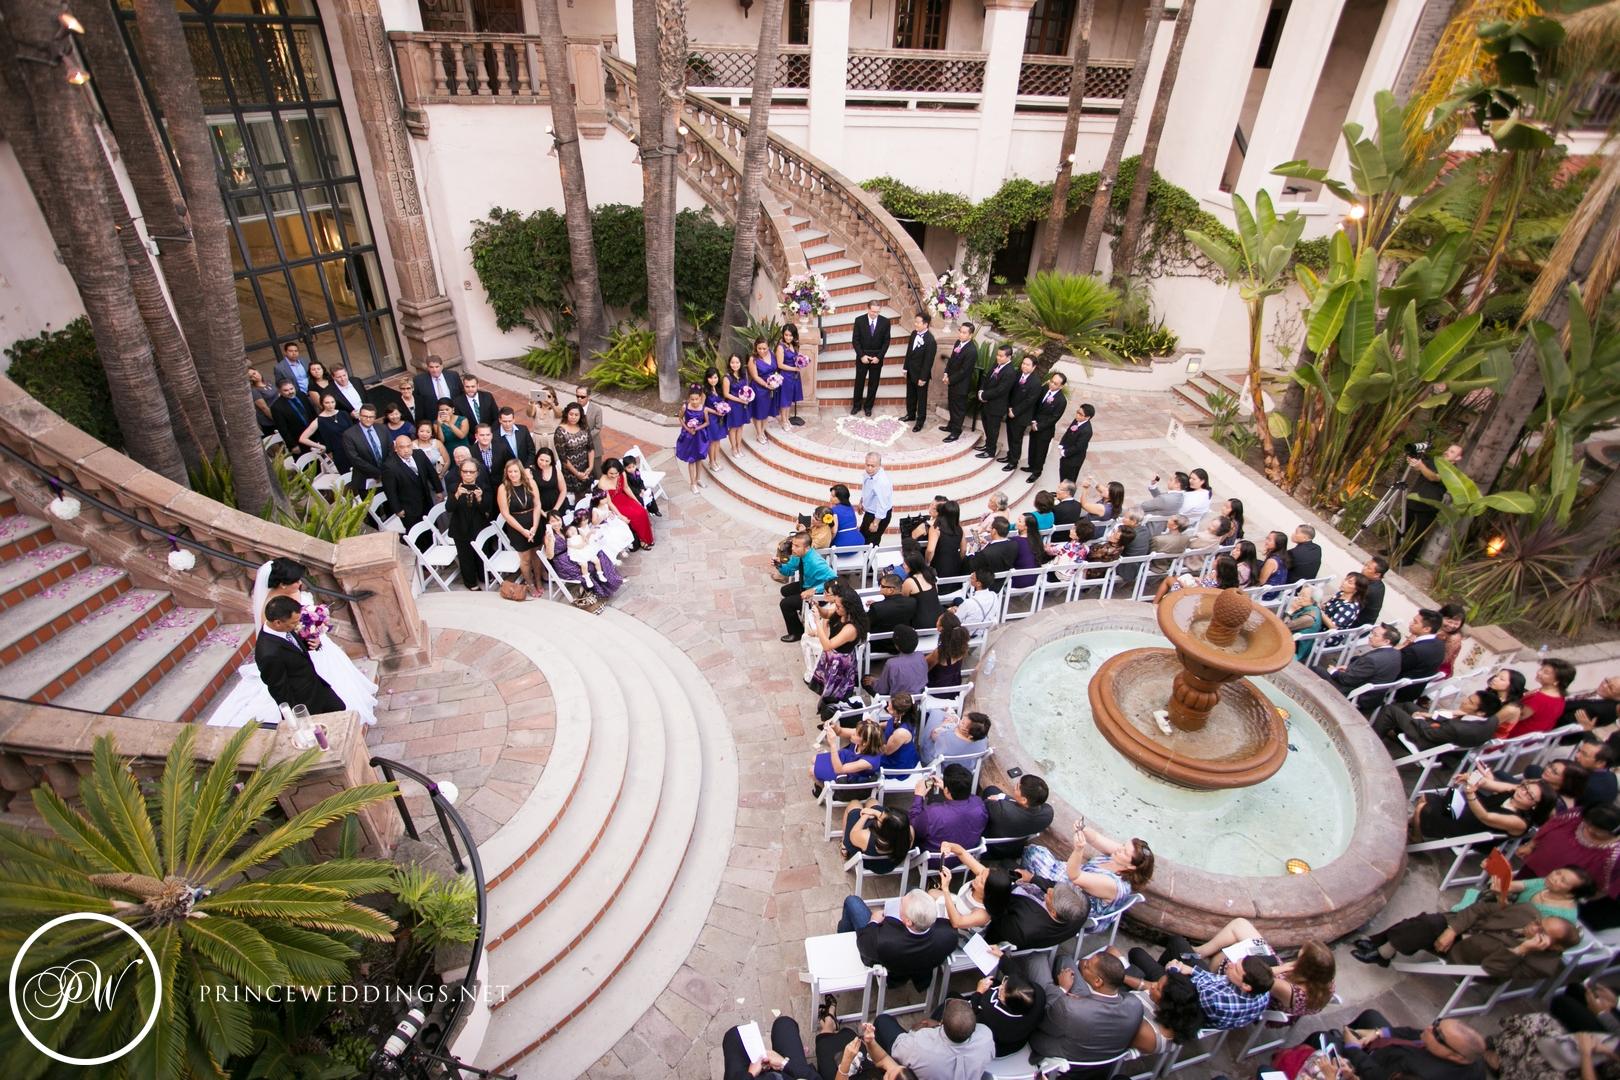 TurnipRose_Wedding_Photography_James+Luisa56.jpg